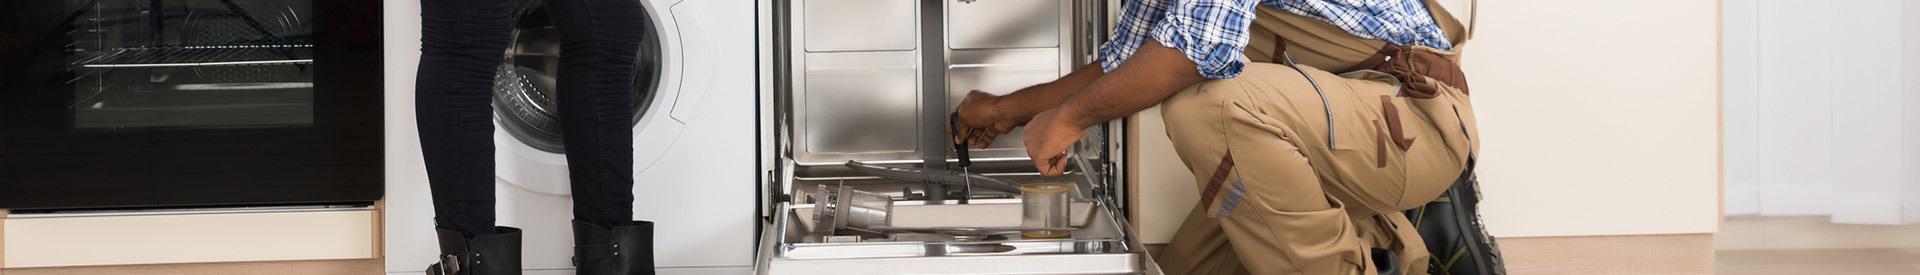 Home Appliances Sale Outlet, Washing Machine Suffolk, Fridge Freezer Suffolk